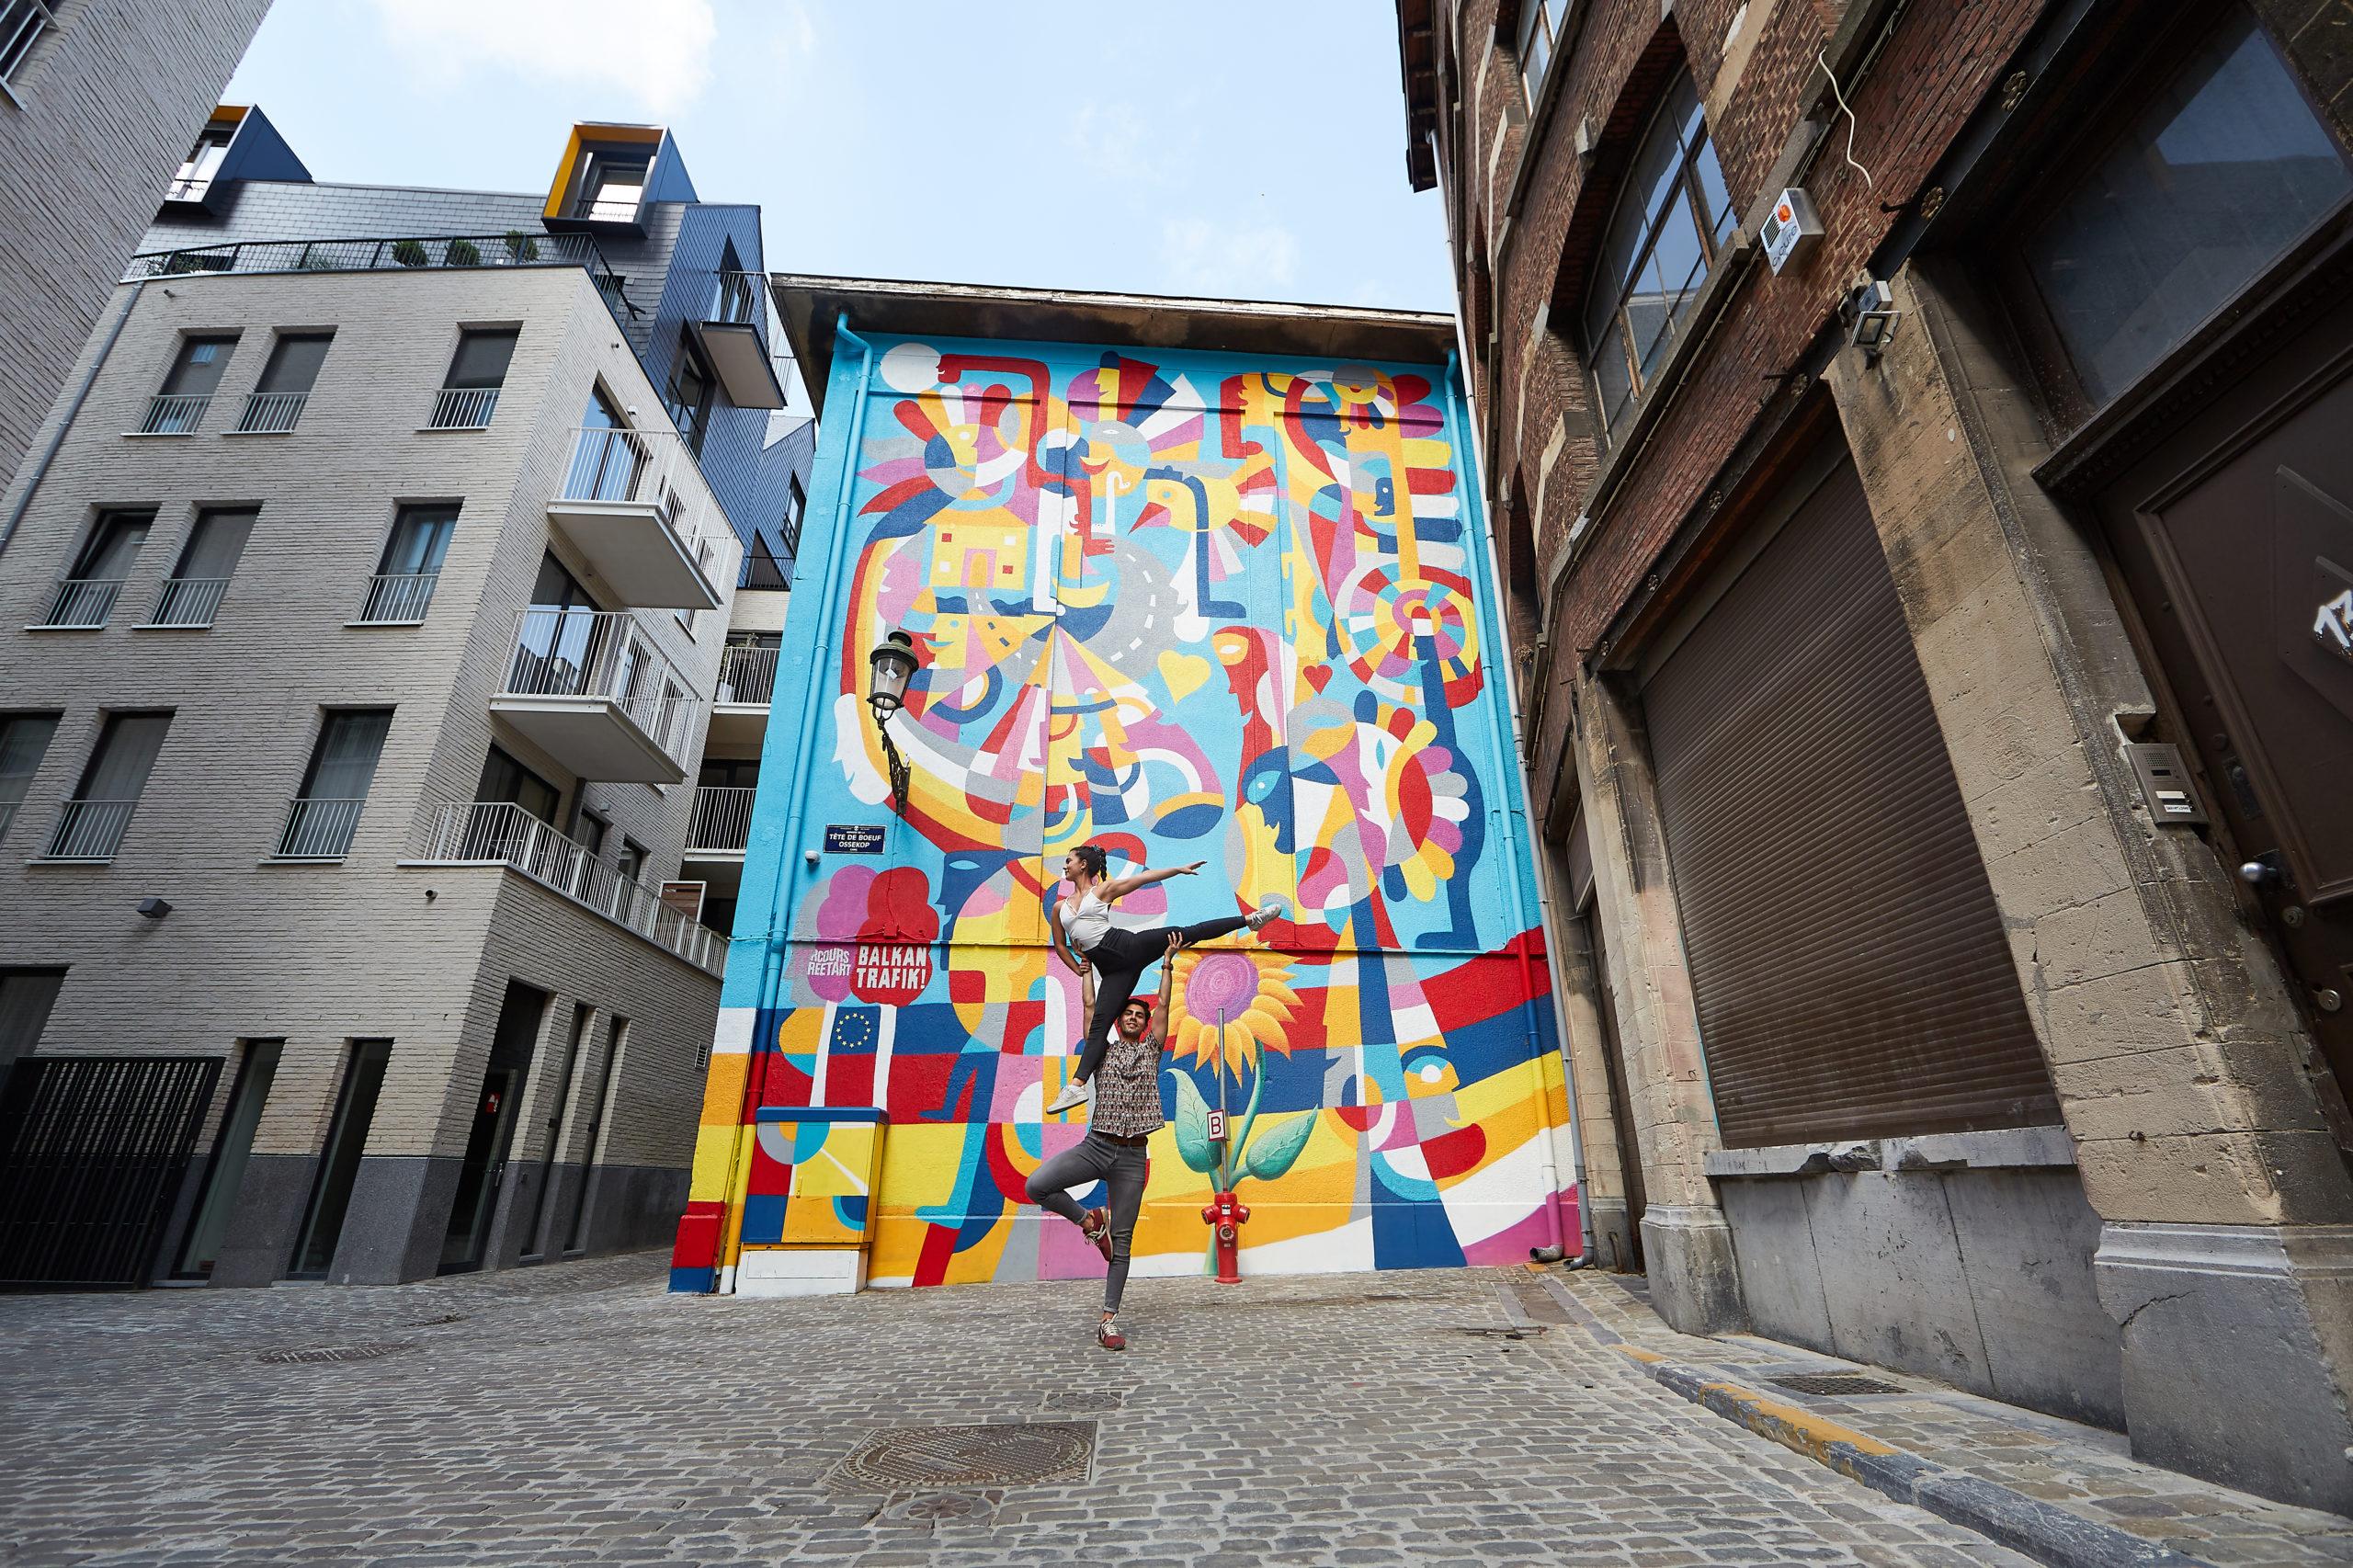 Deux jeunes adolescents effectuant une figure en pleine rue devant un mur très coloré